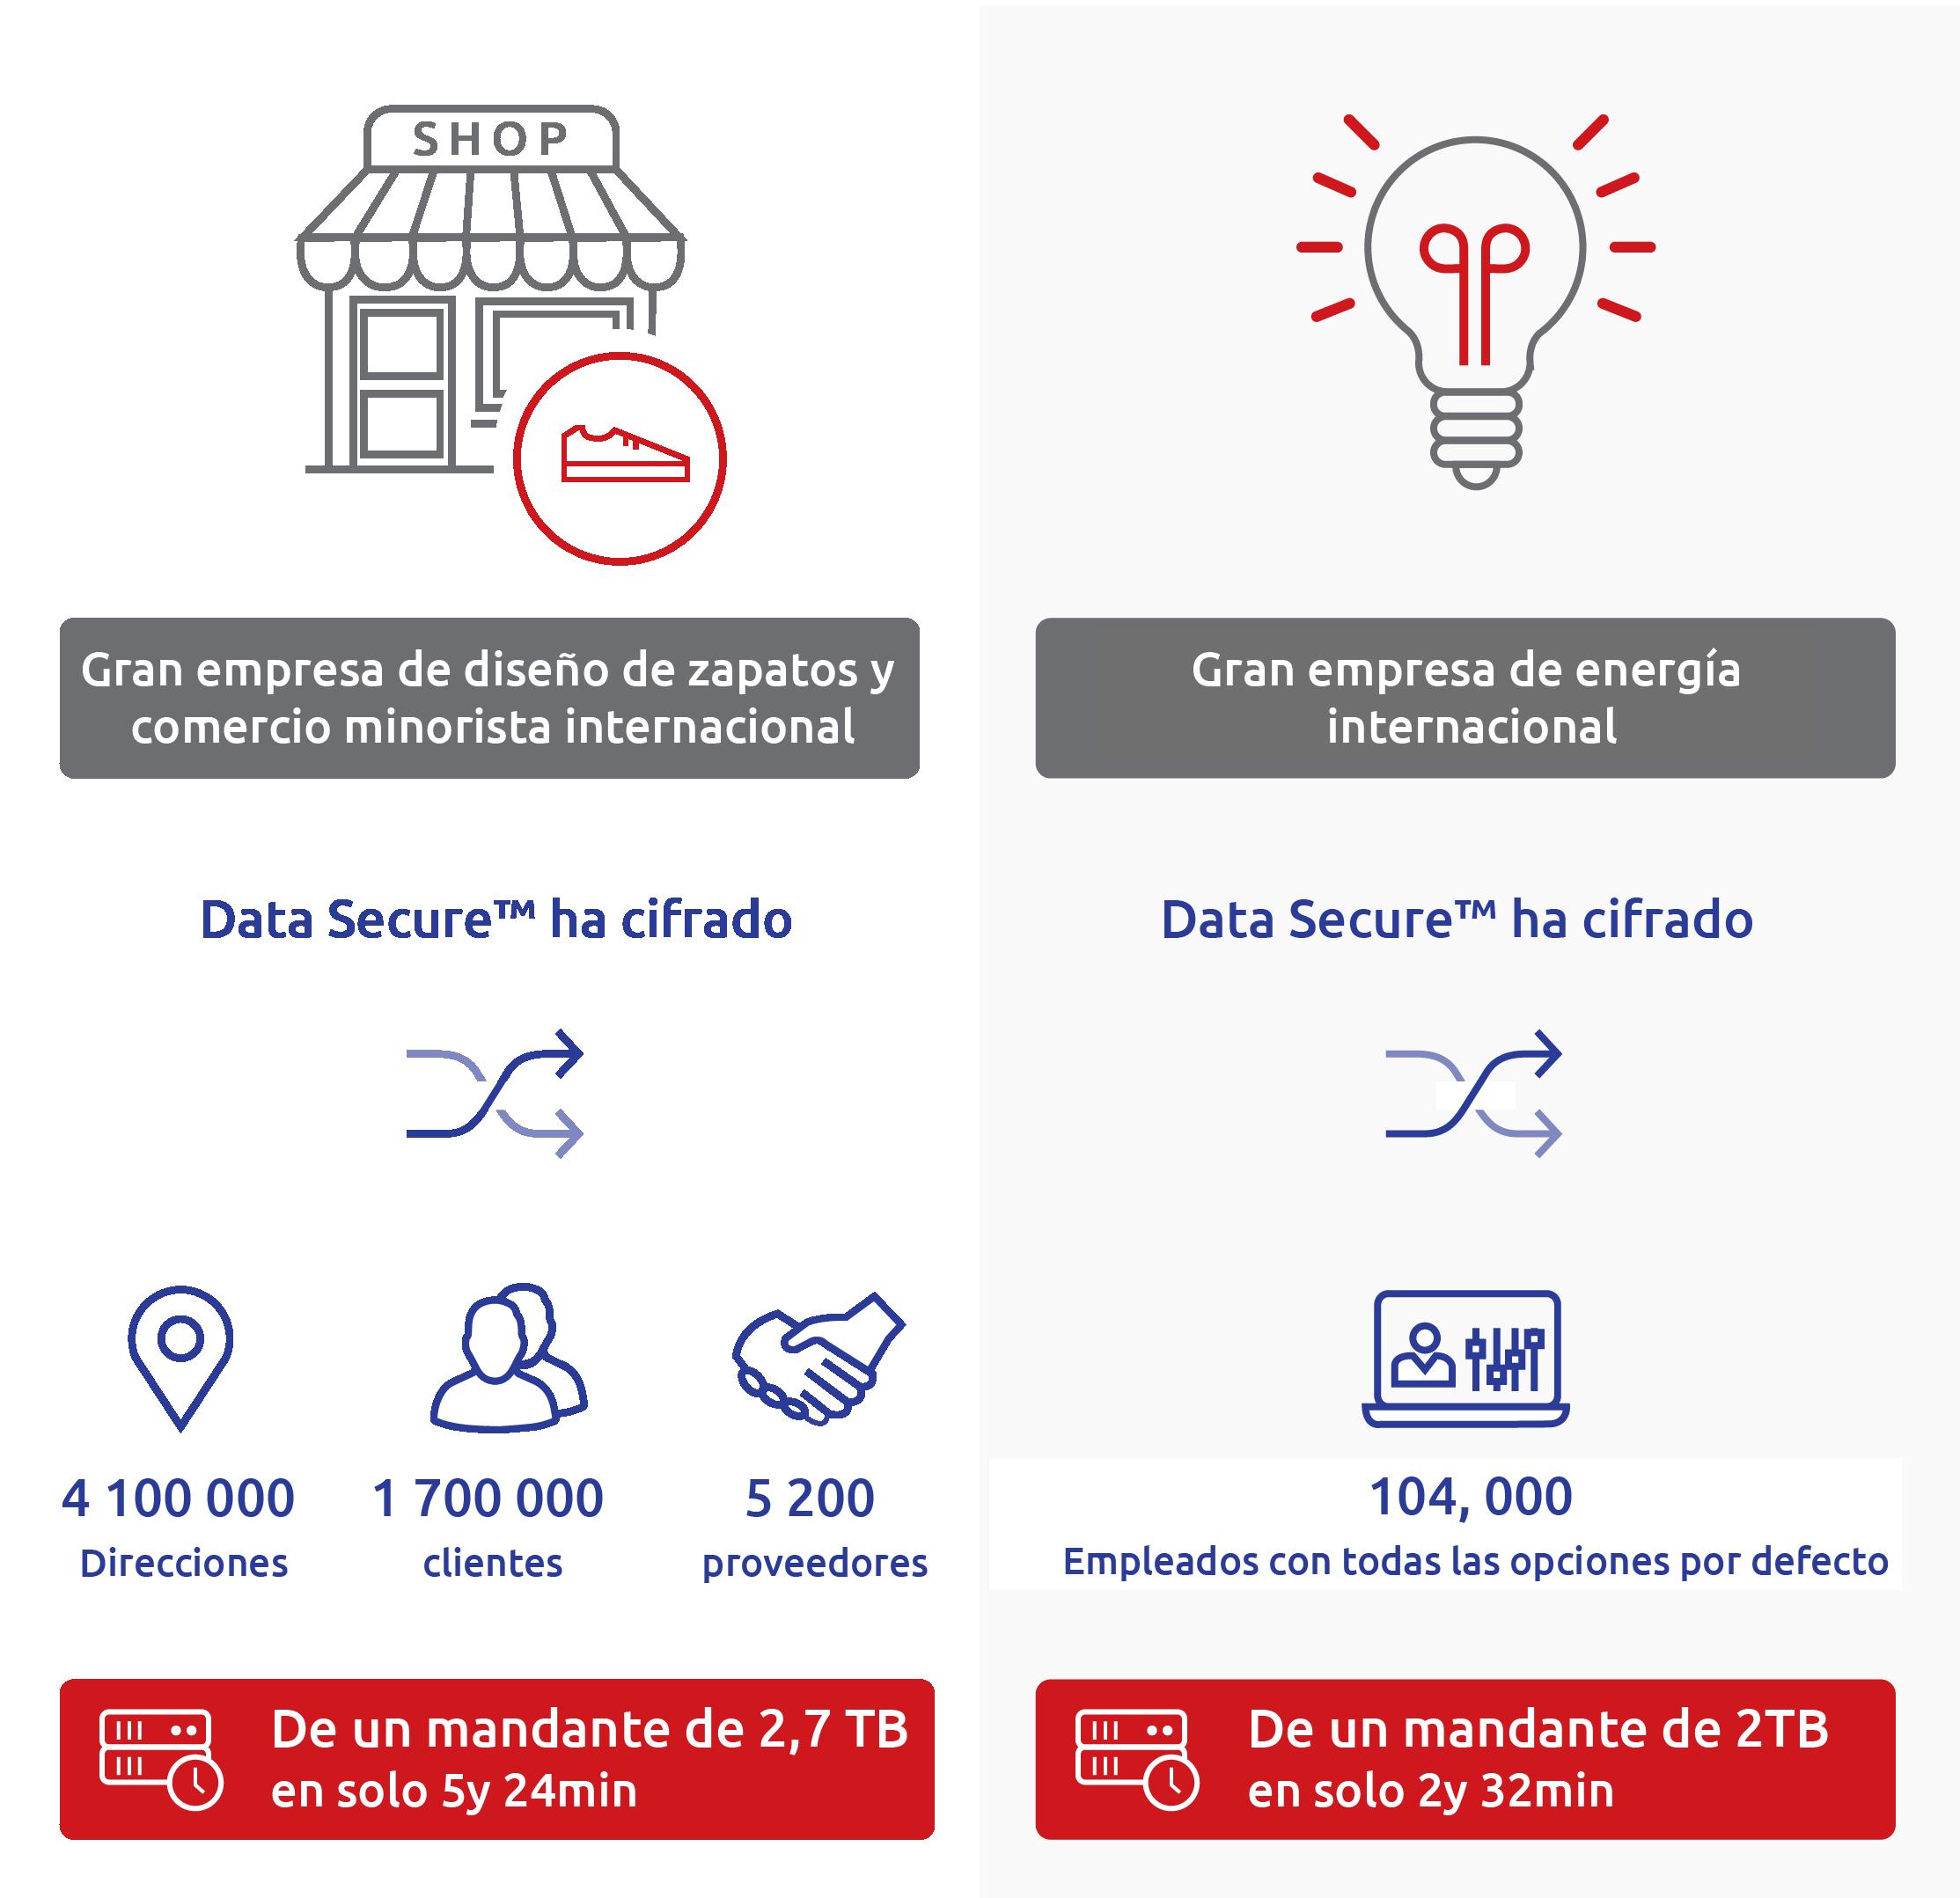 Data Secure le ofrece un control completo de todos los datos confidenciales